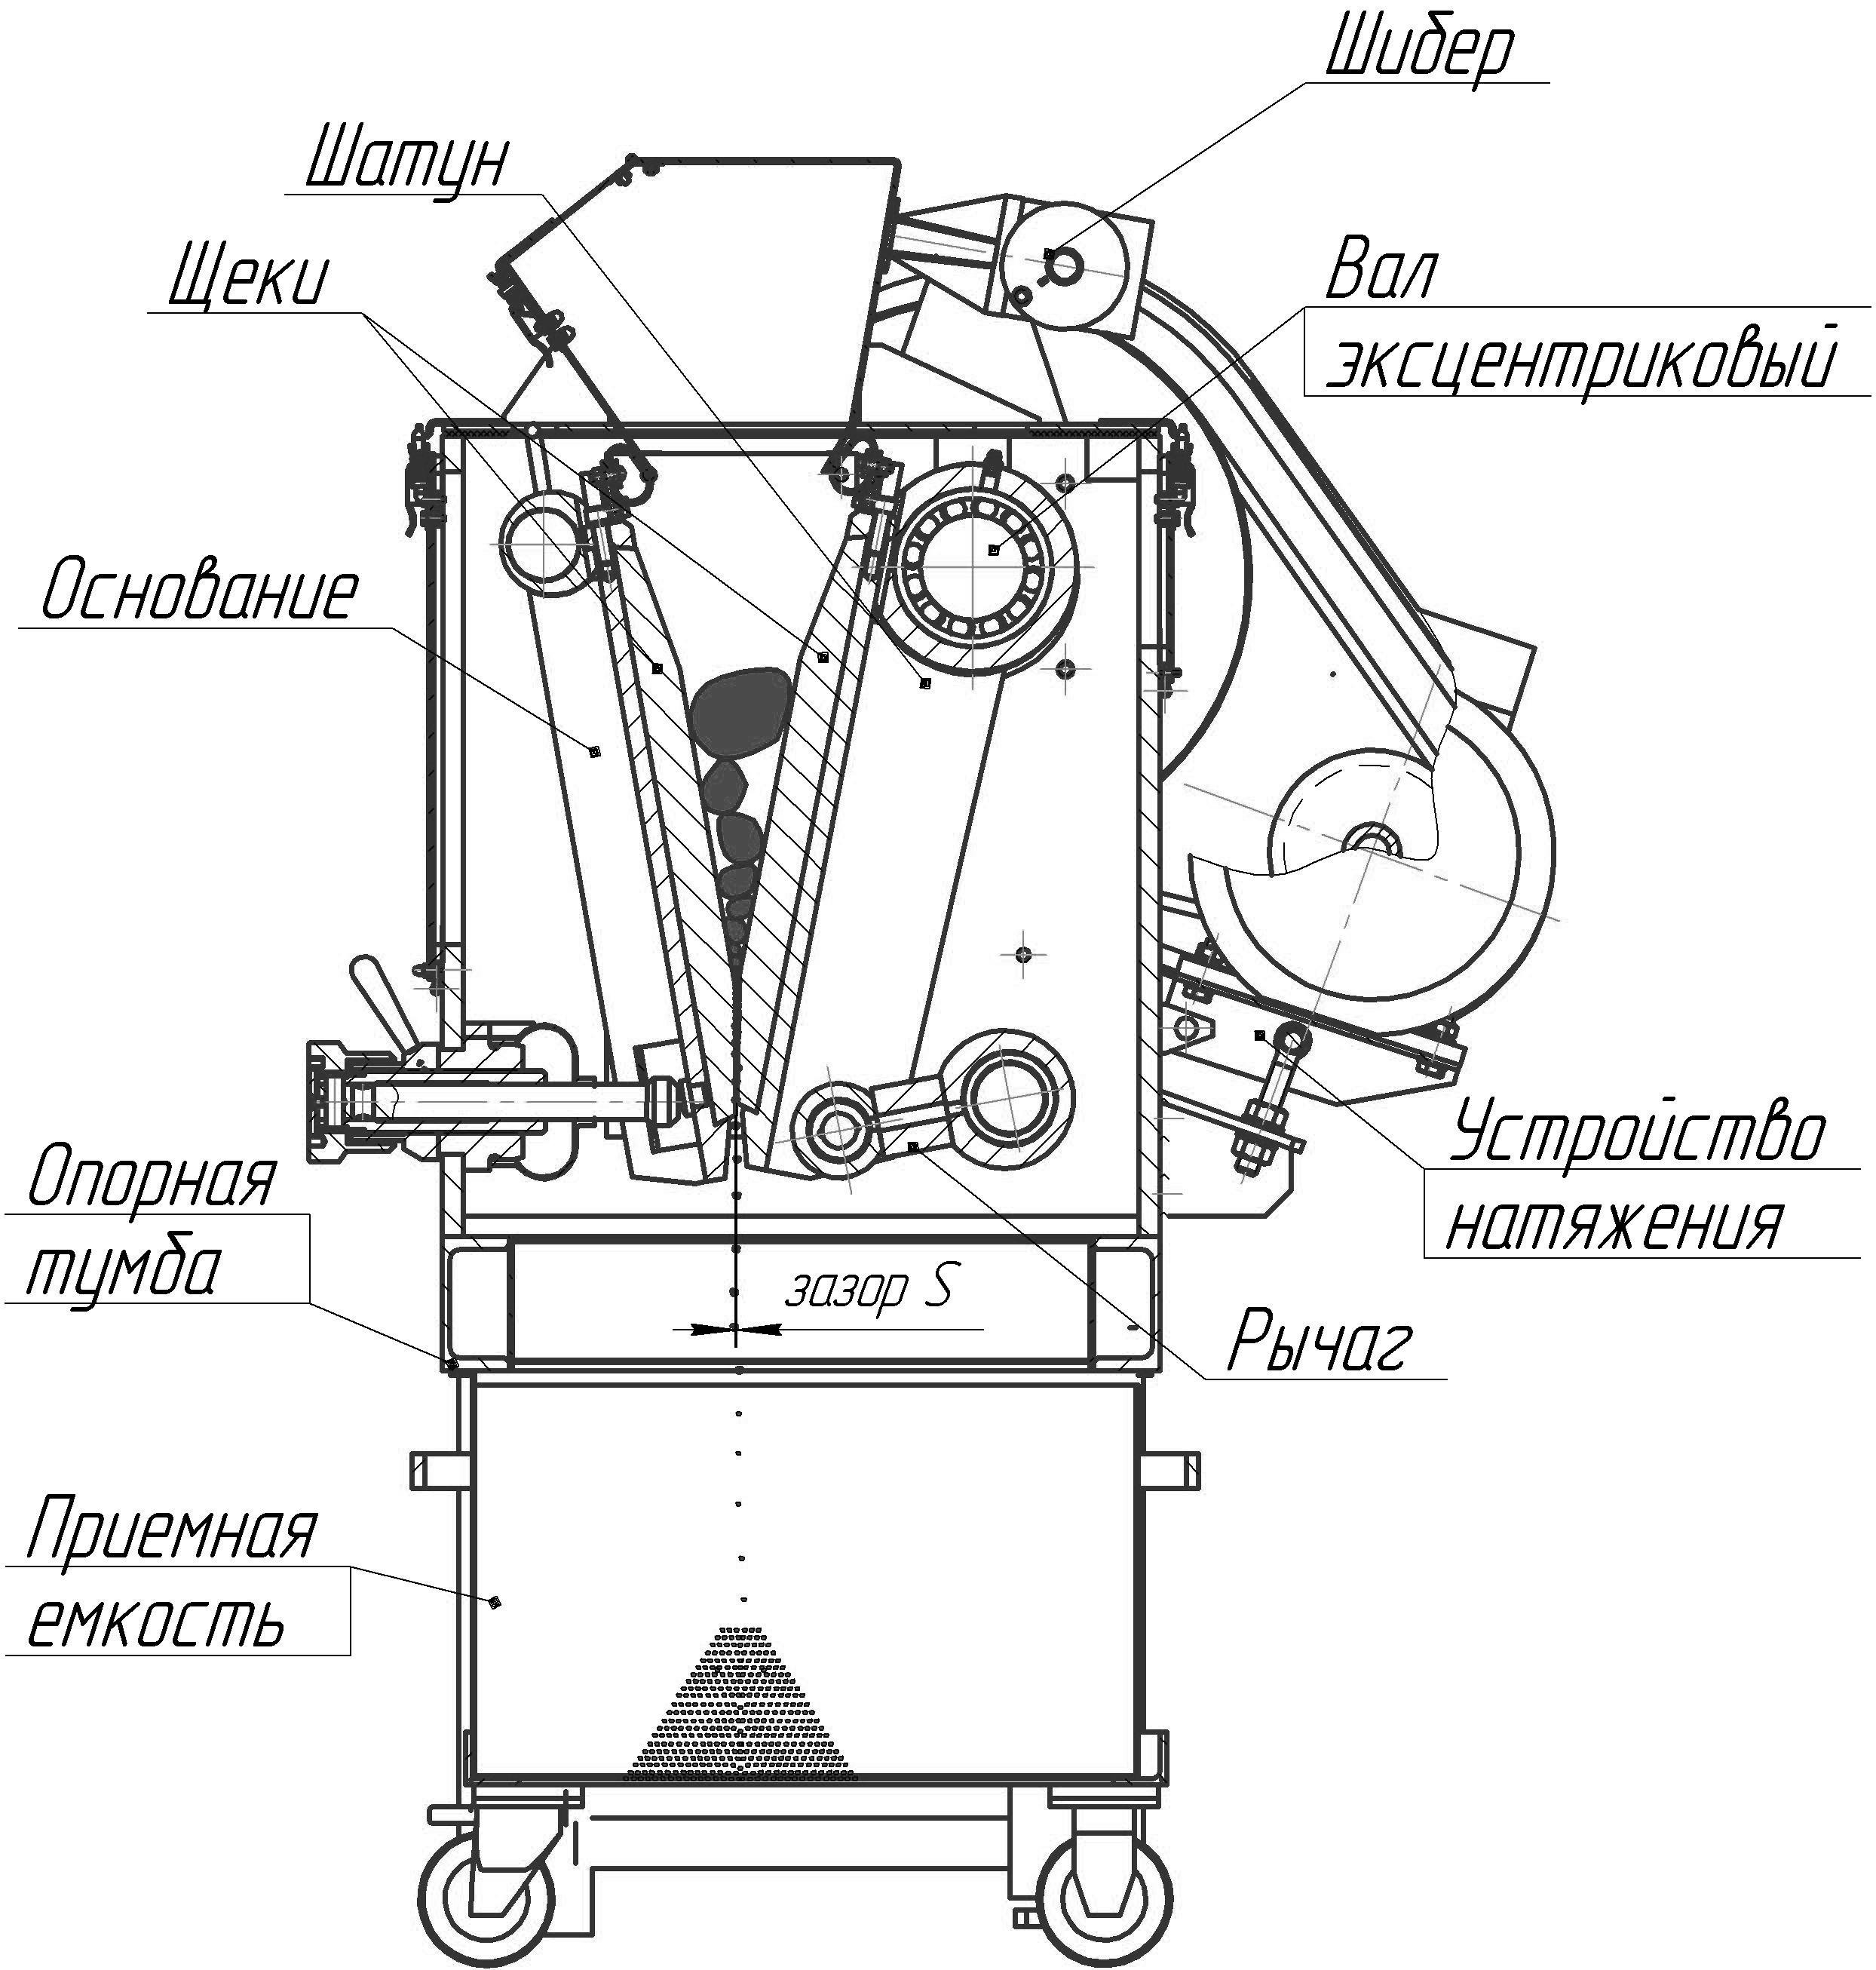 Схема ЩД 10М